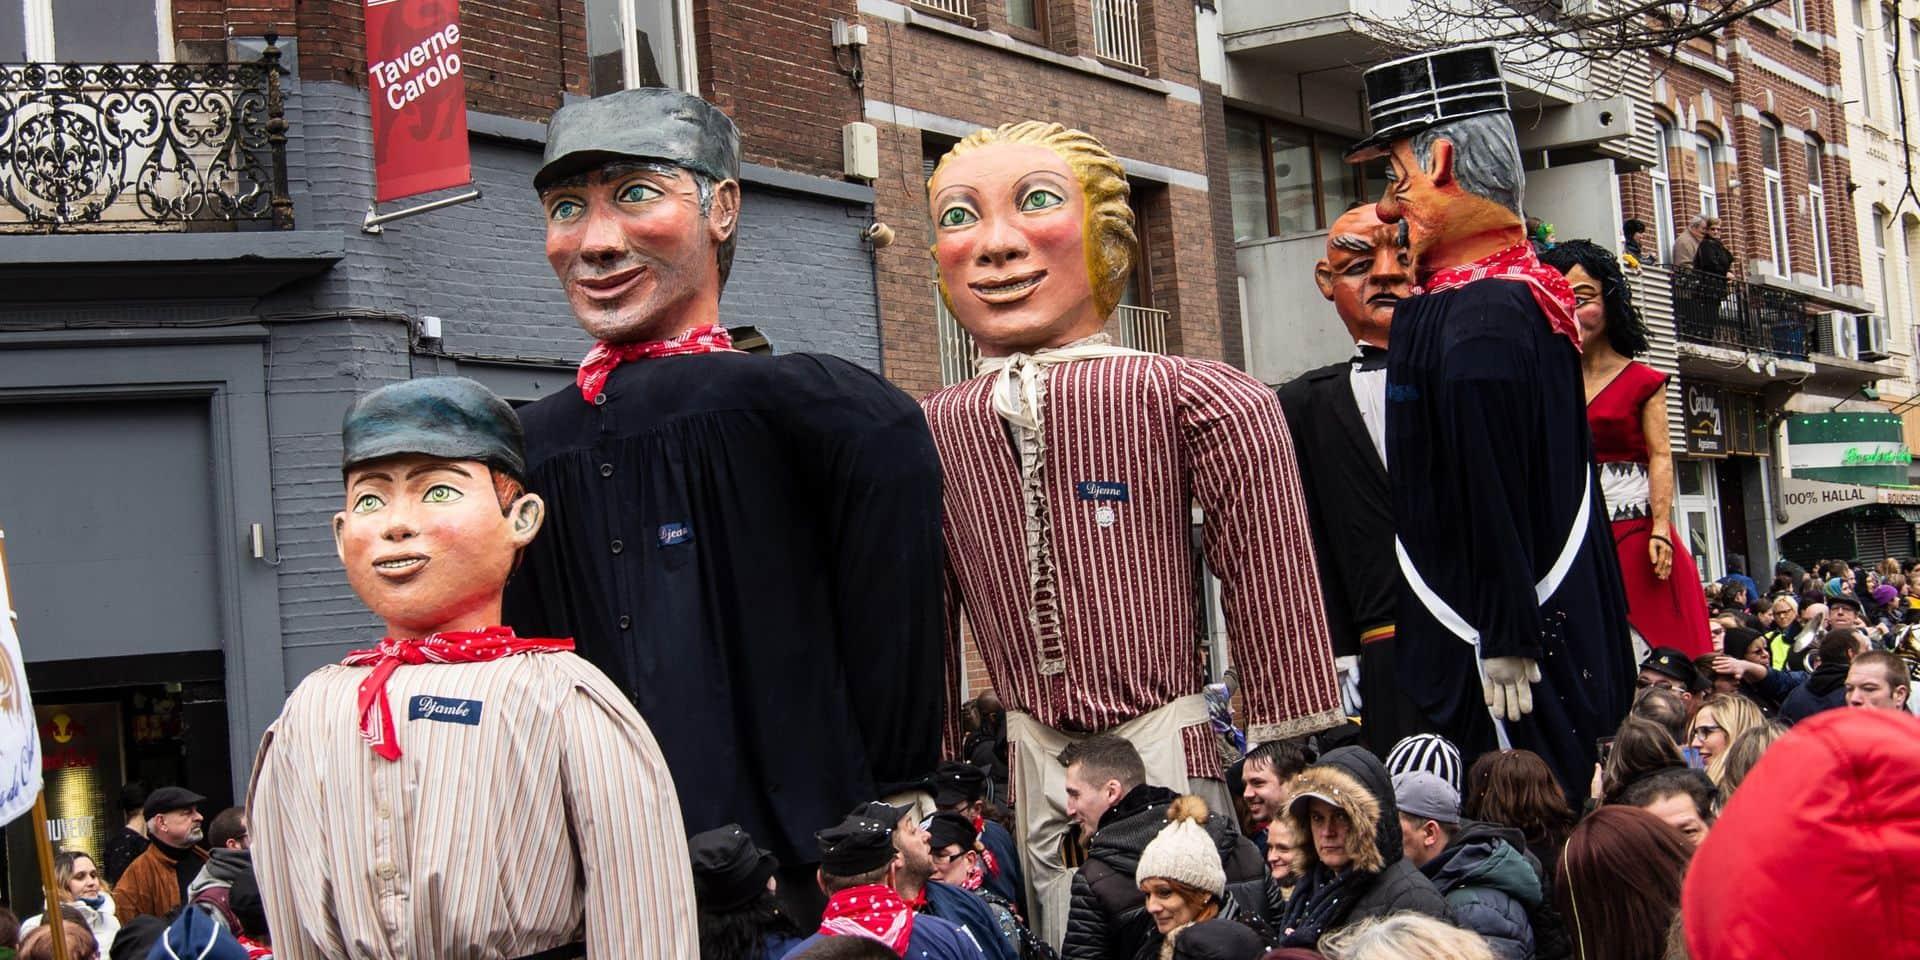 Ce mardi, c'est déjà carnaval à Charleroi